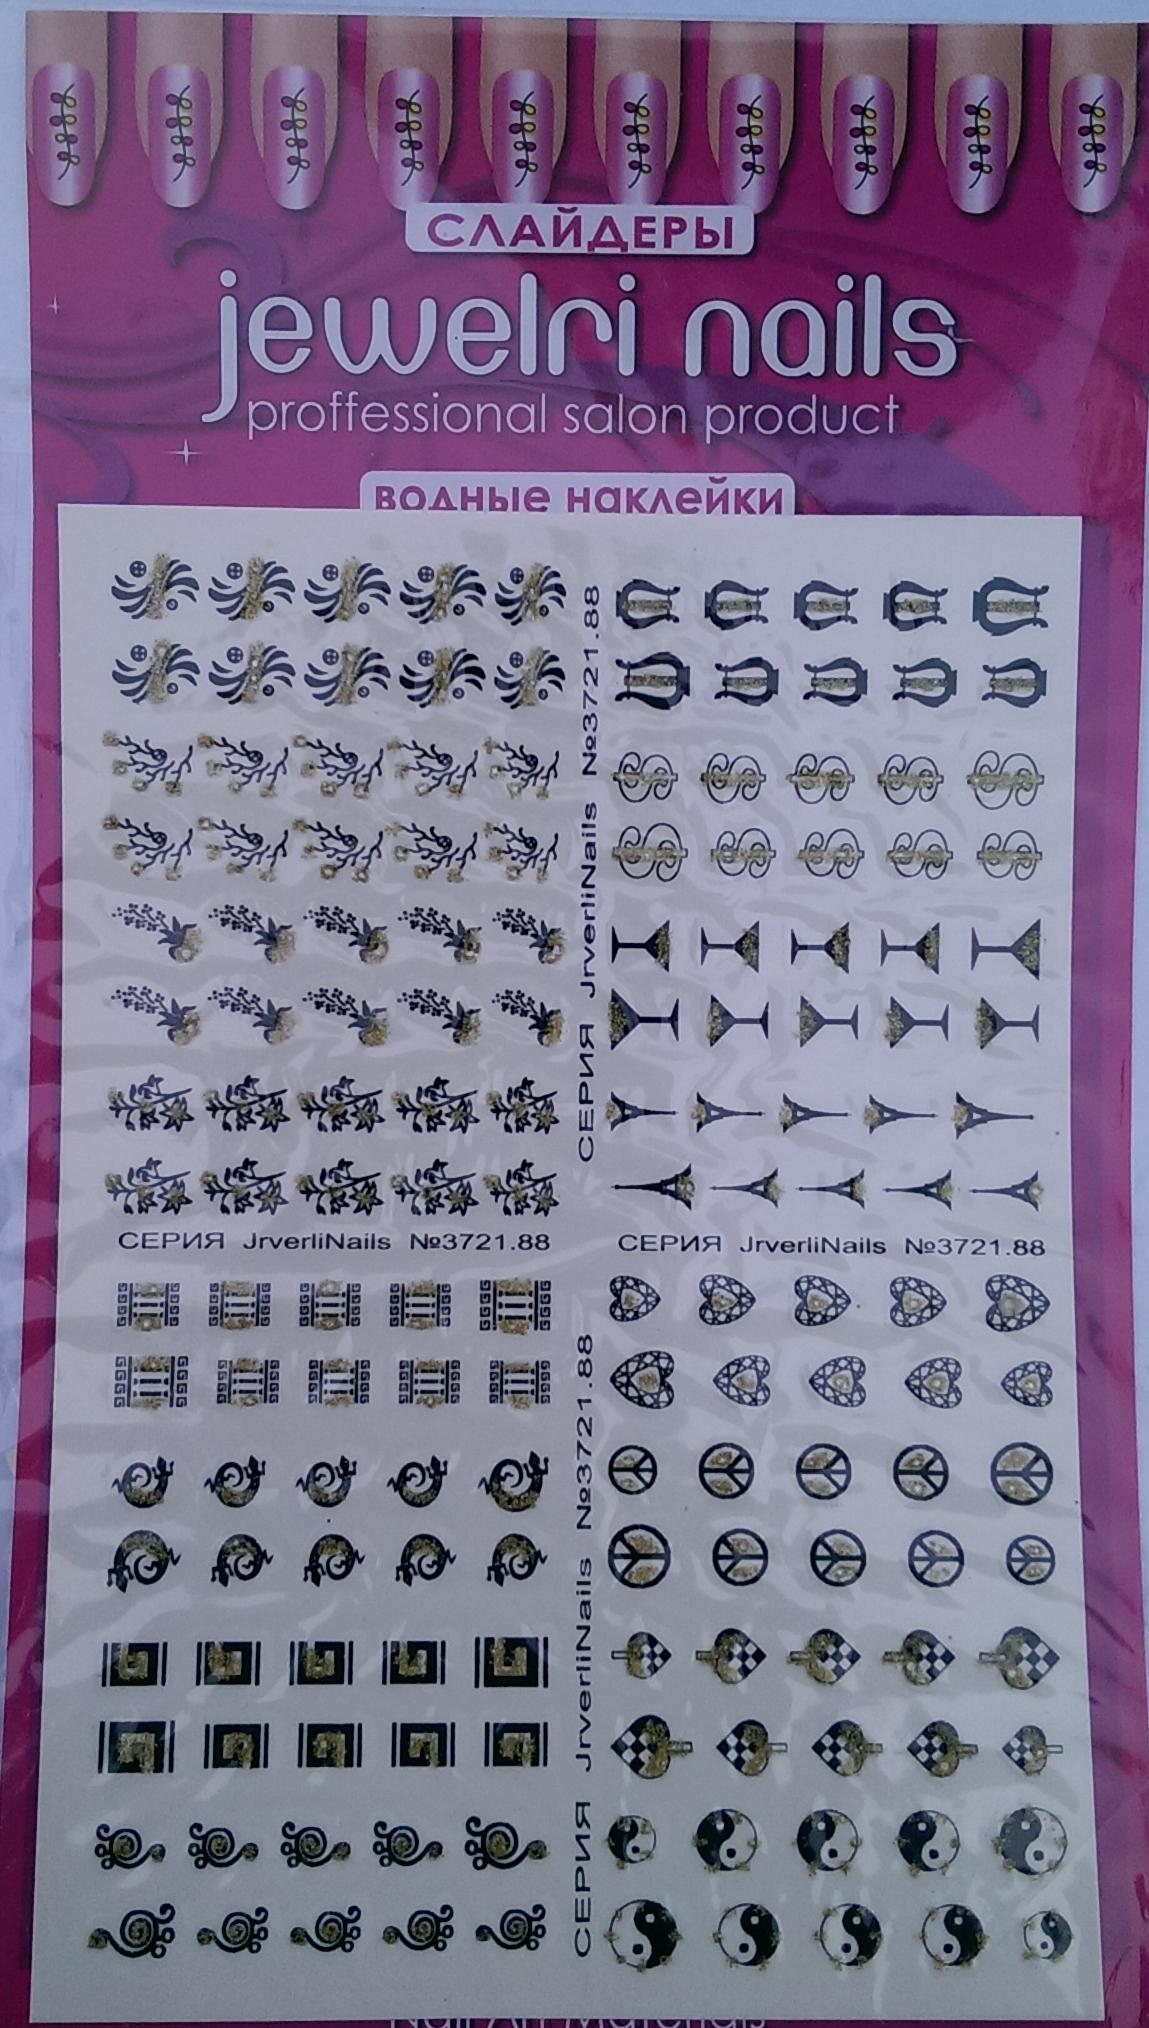 Водные наклейки на ногти фото инструкция